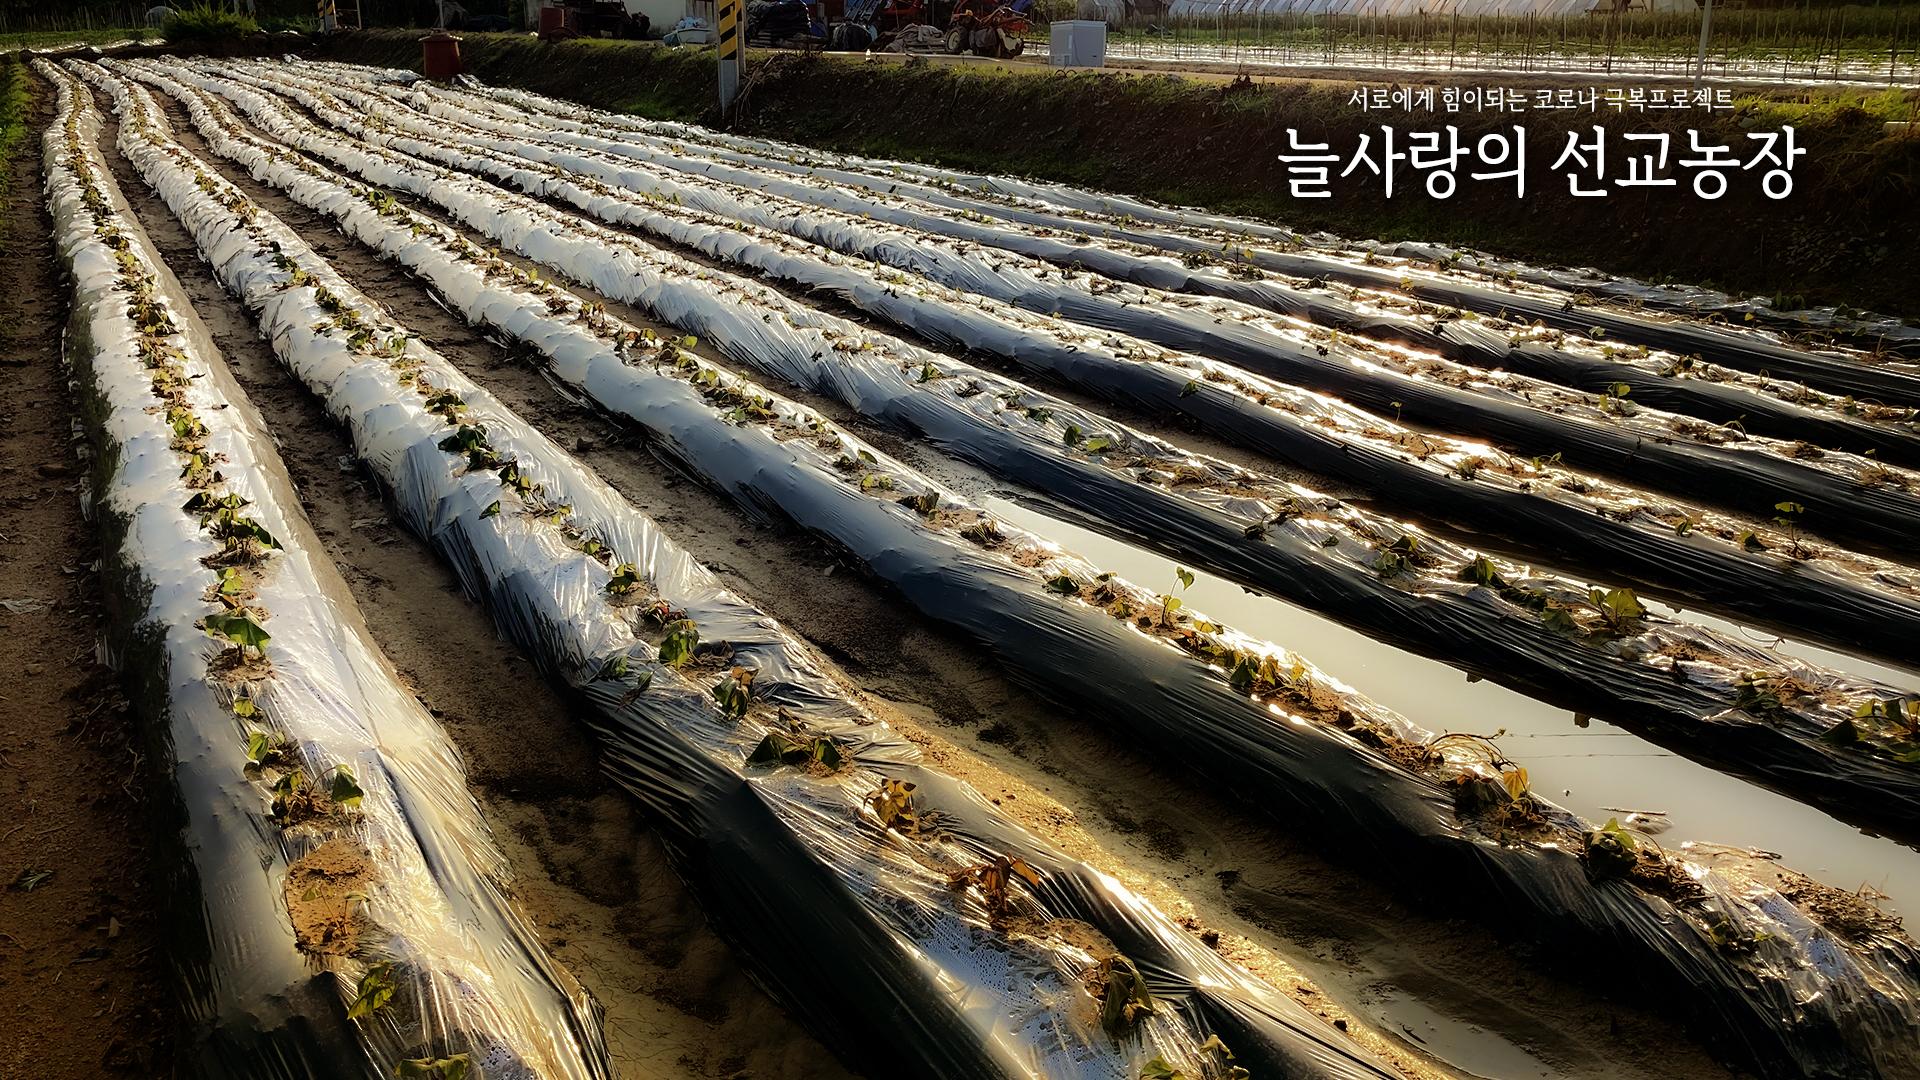 2021-10-03-고구마수확-000.jpg